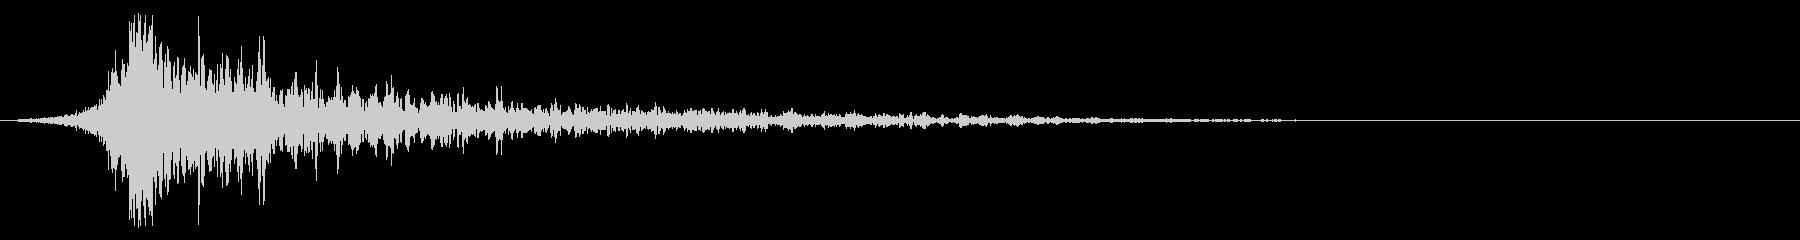 シュードーン-31-2(インパクト音)の未再生の波形